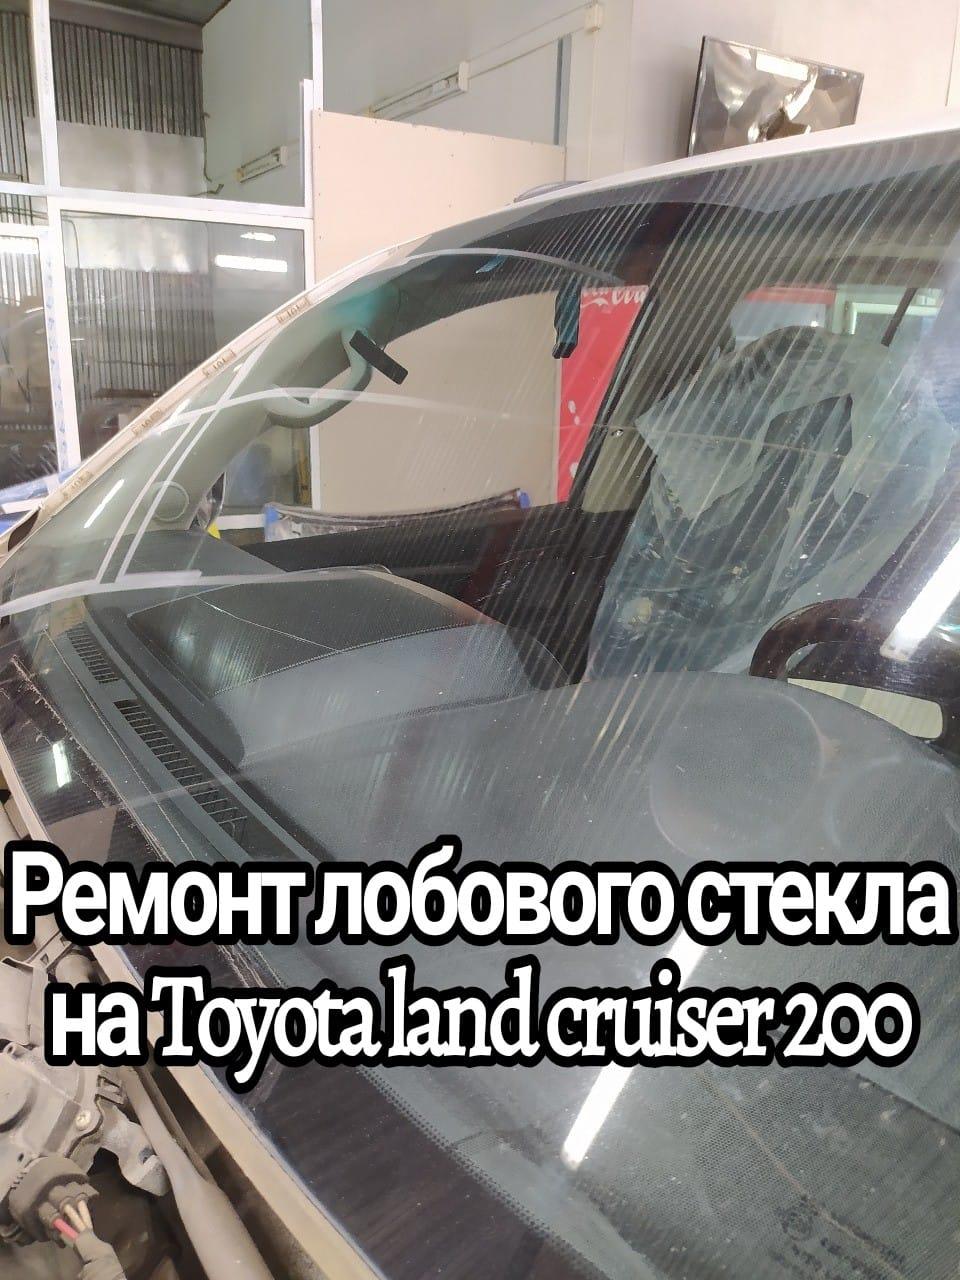 Ремонт лобового стекла на Toyota land cruiser 200